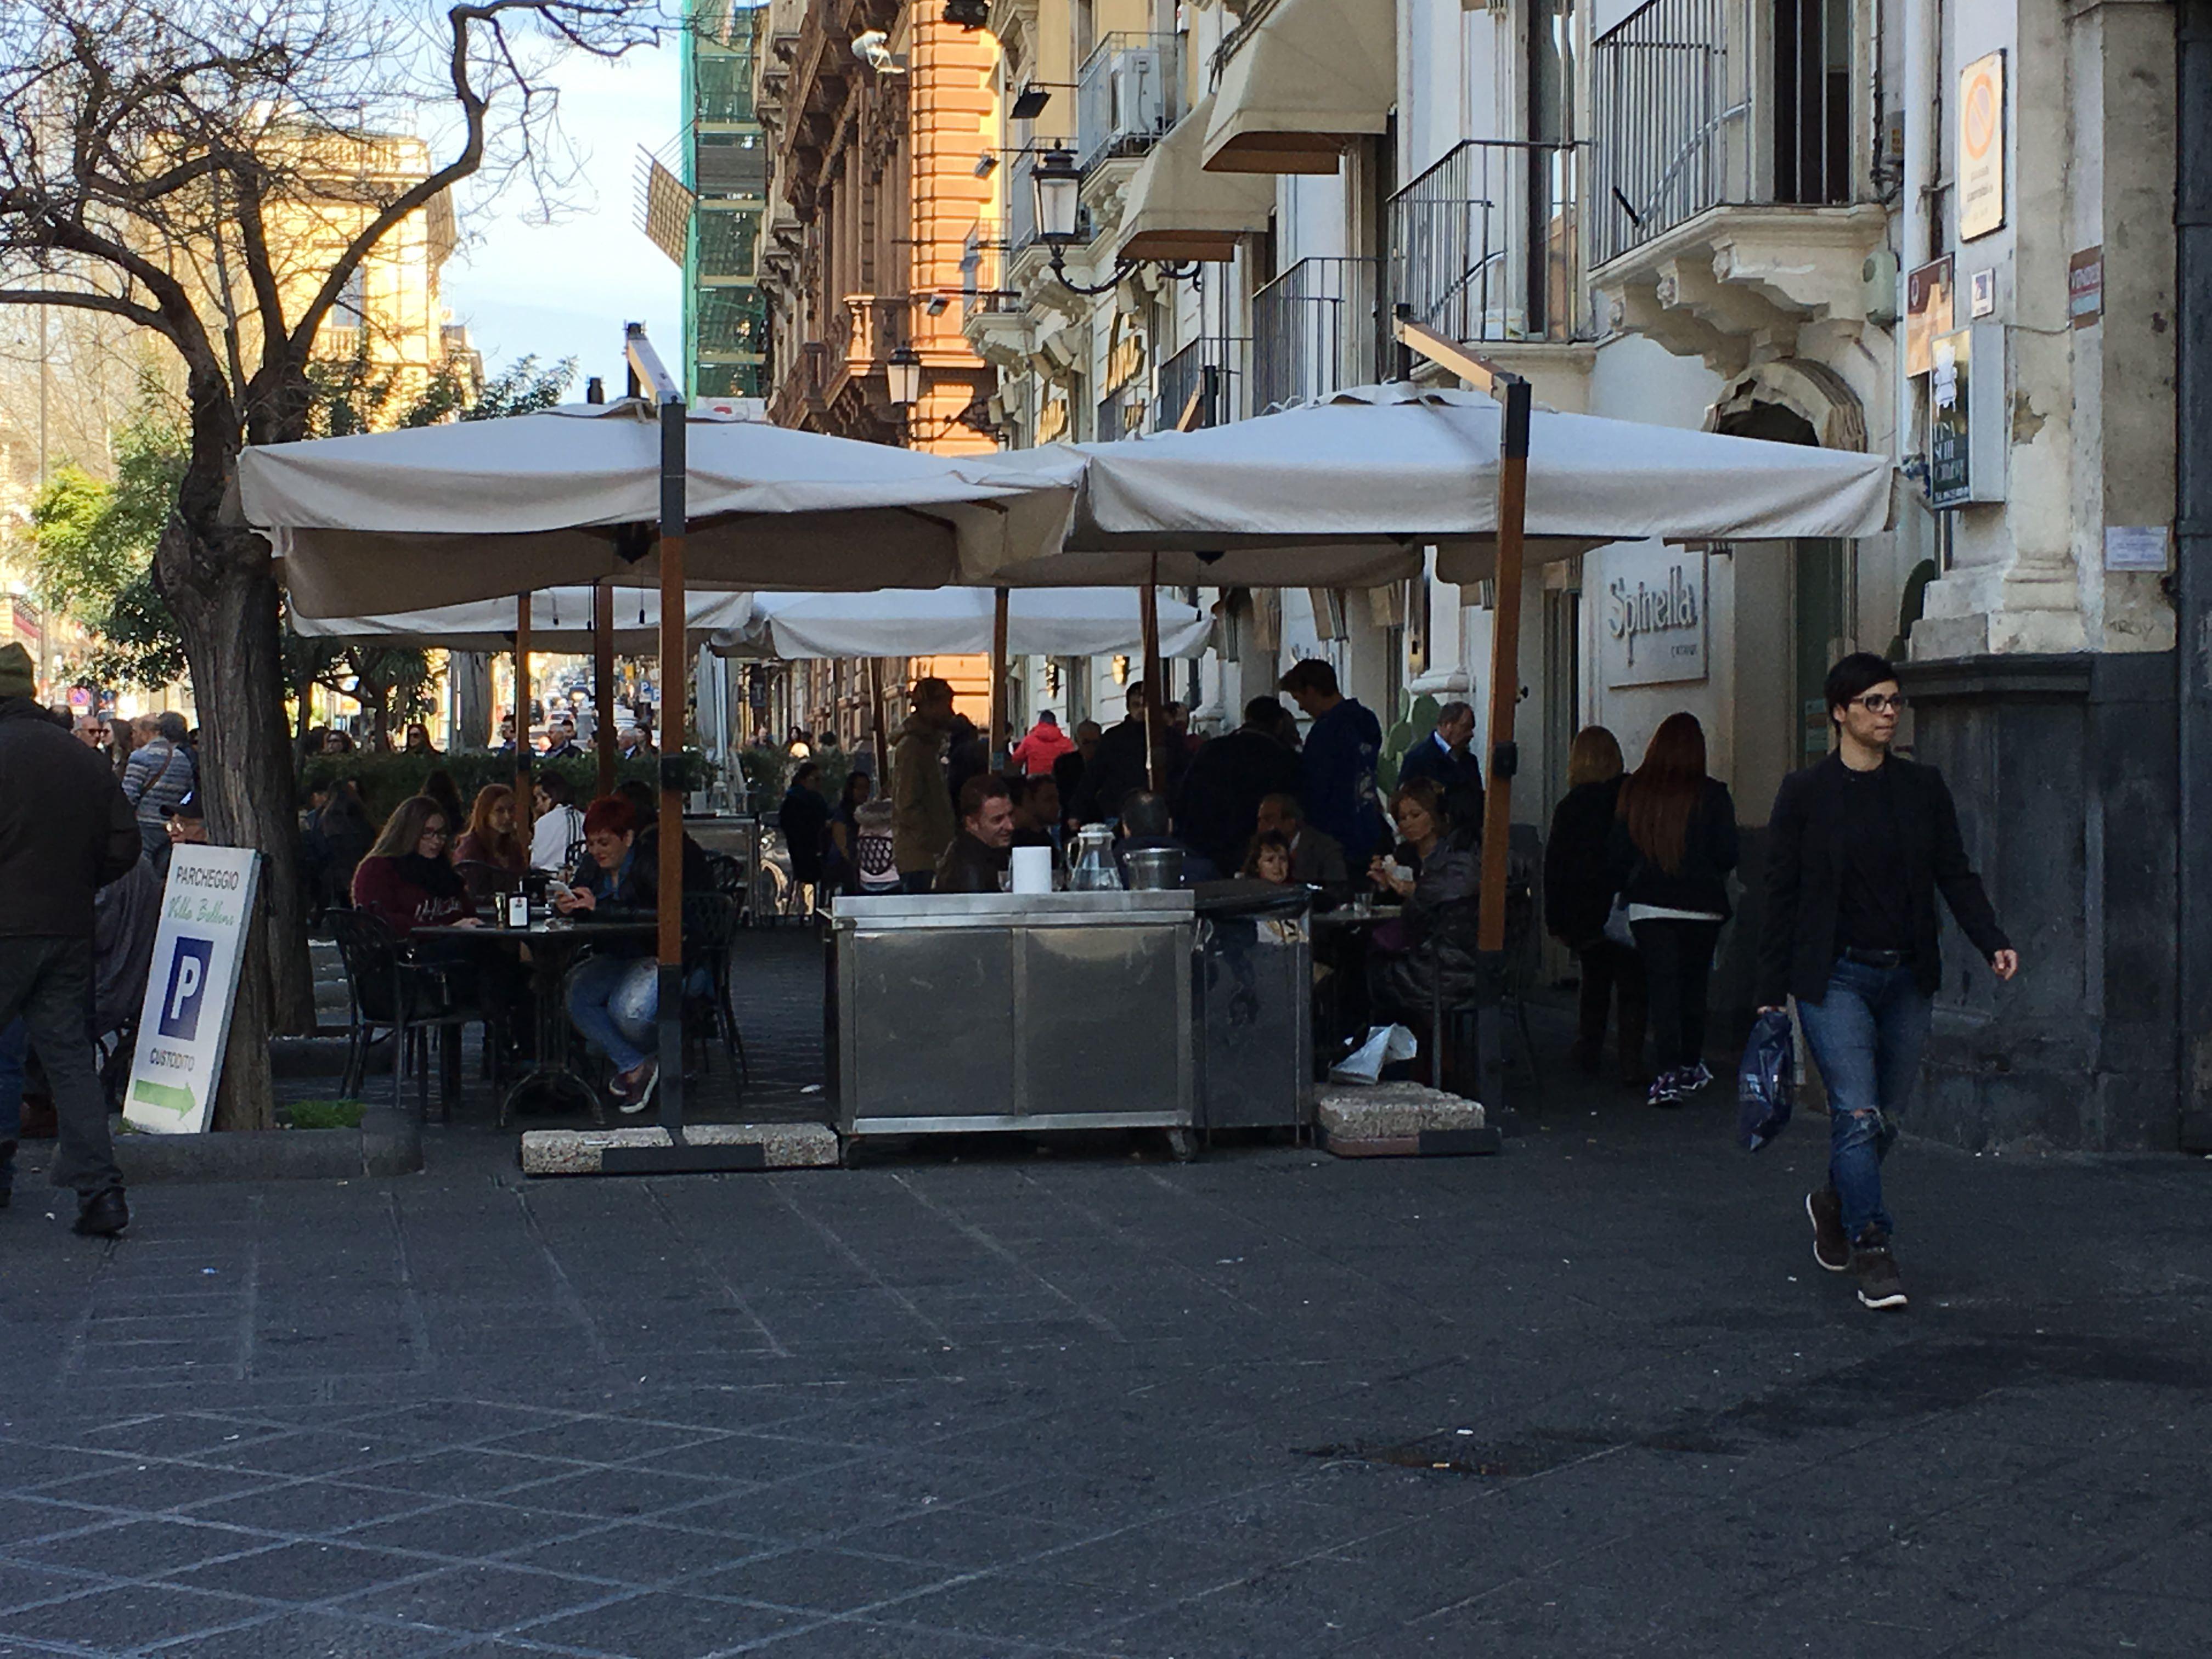 """Catania senza ristoranti stellati. La gente: """"Questione di gusto e portafogli"""""""